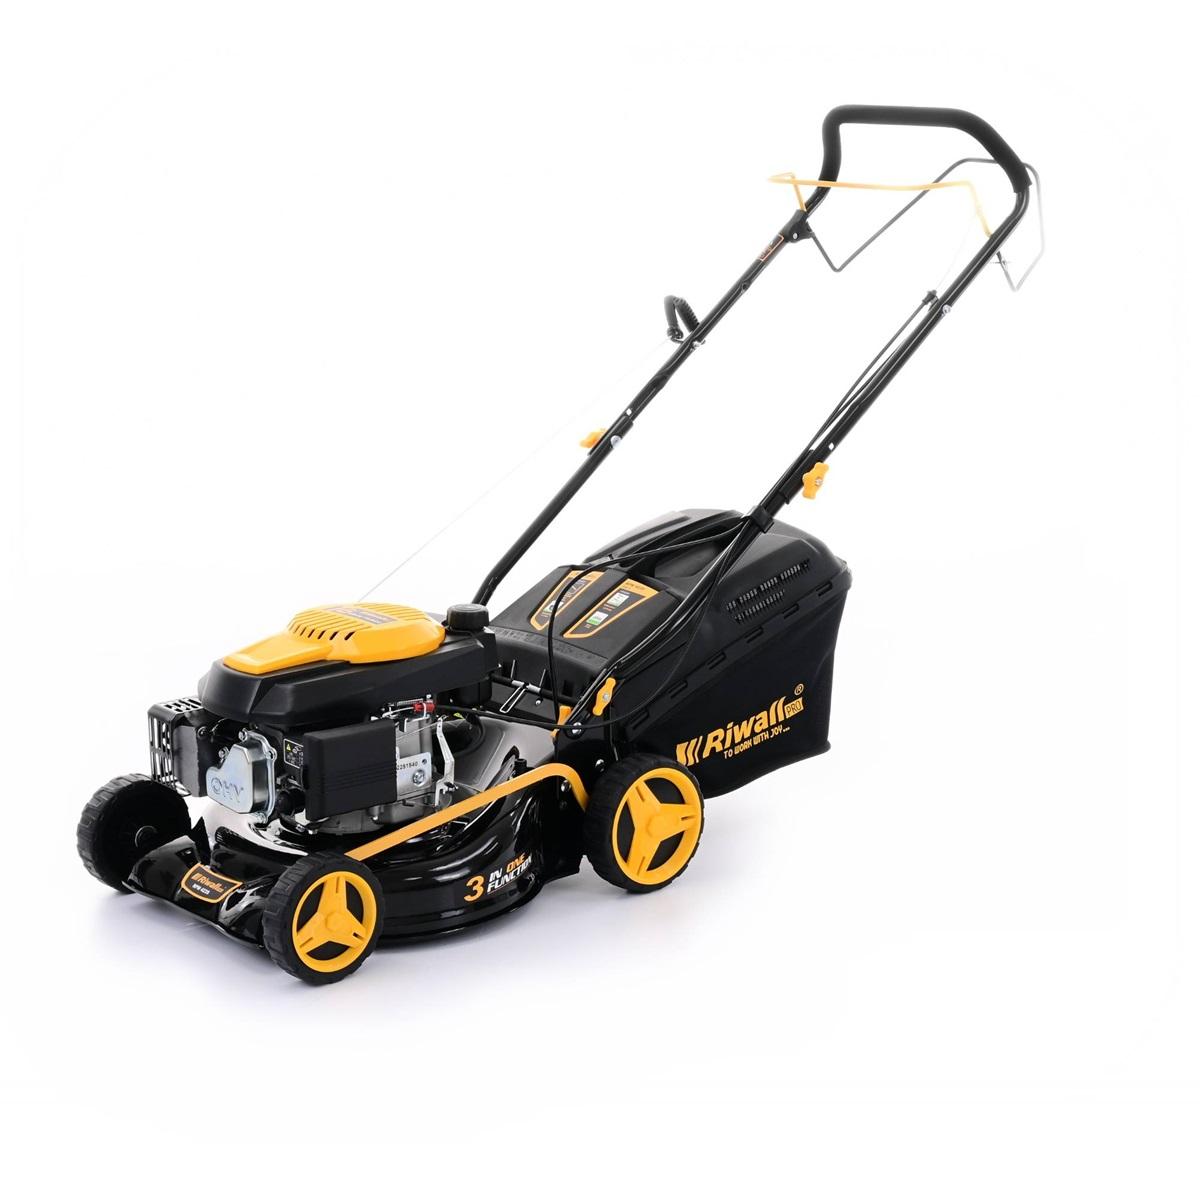 Riwall PRO RPM 4235, multifunkčna trávna kosačka 3 v 1 s benzínovým motorom a pojazdom